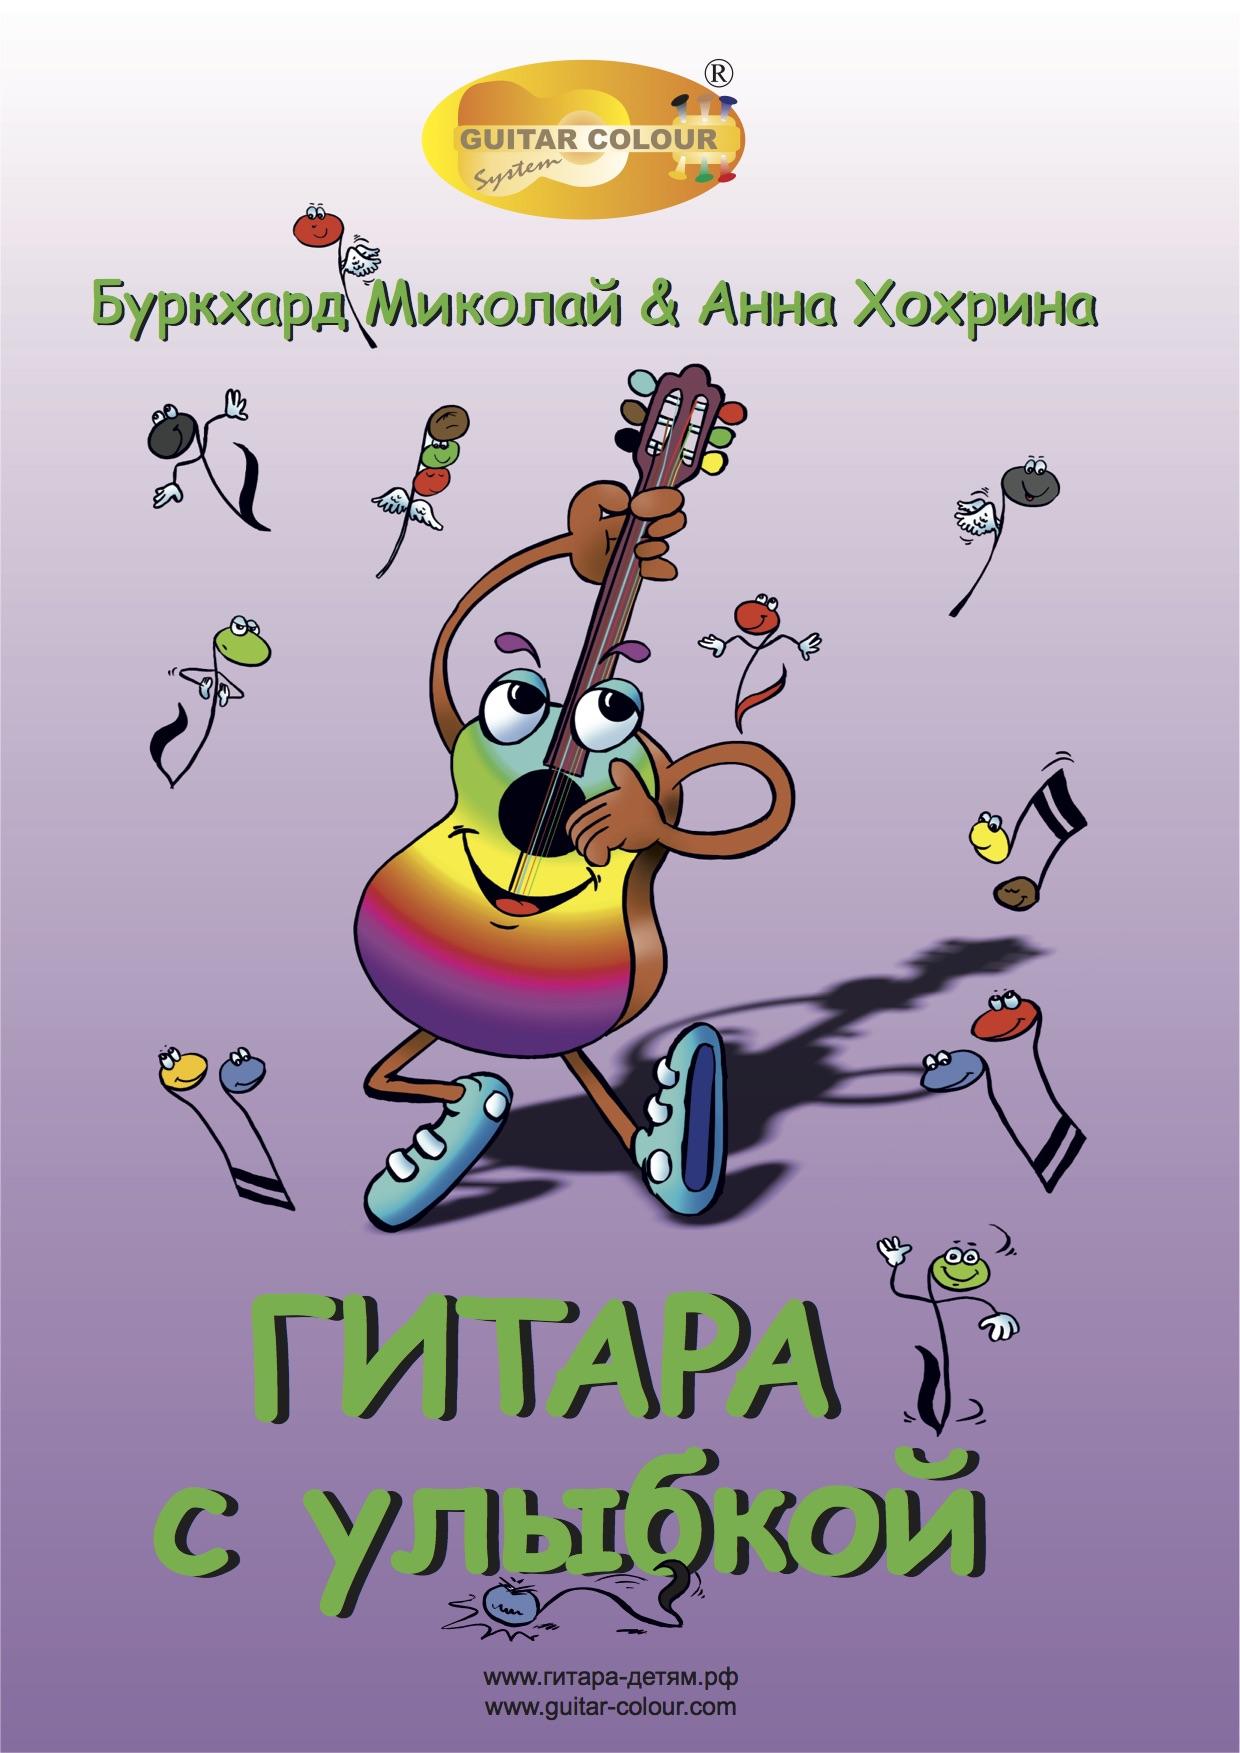 Unsere russische Gitarrenschule